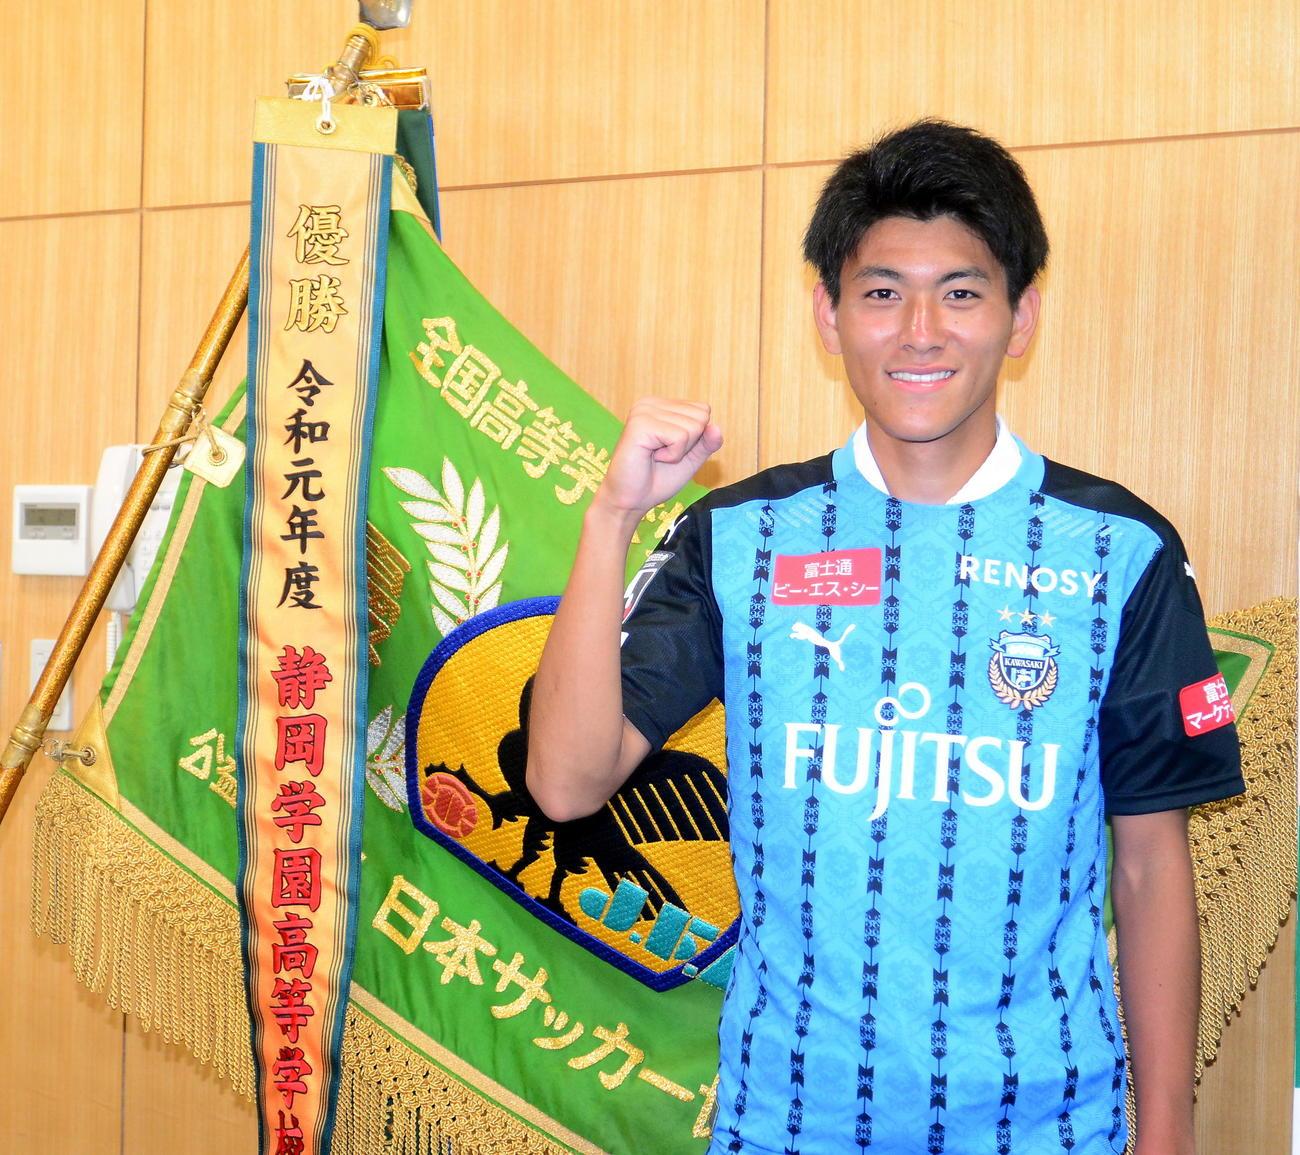 川崎Fへの来季加入が決まり、笑顔でガッツポーズする静岡学園DF田辺